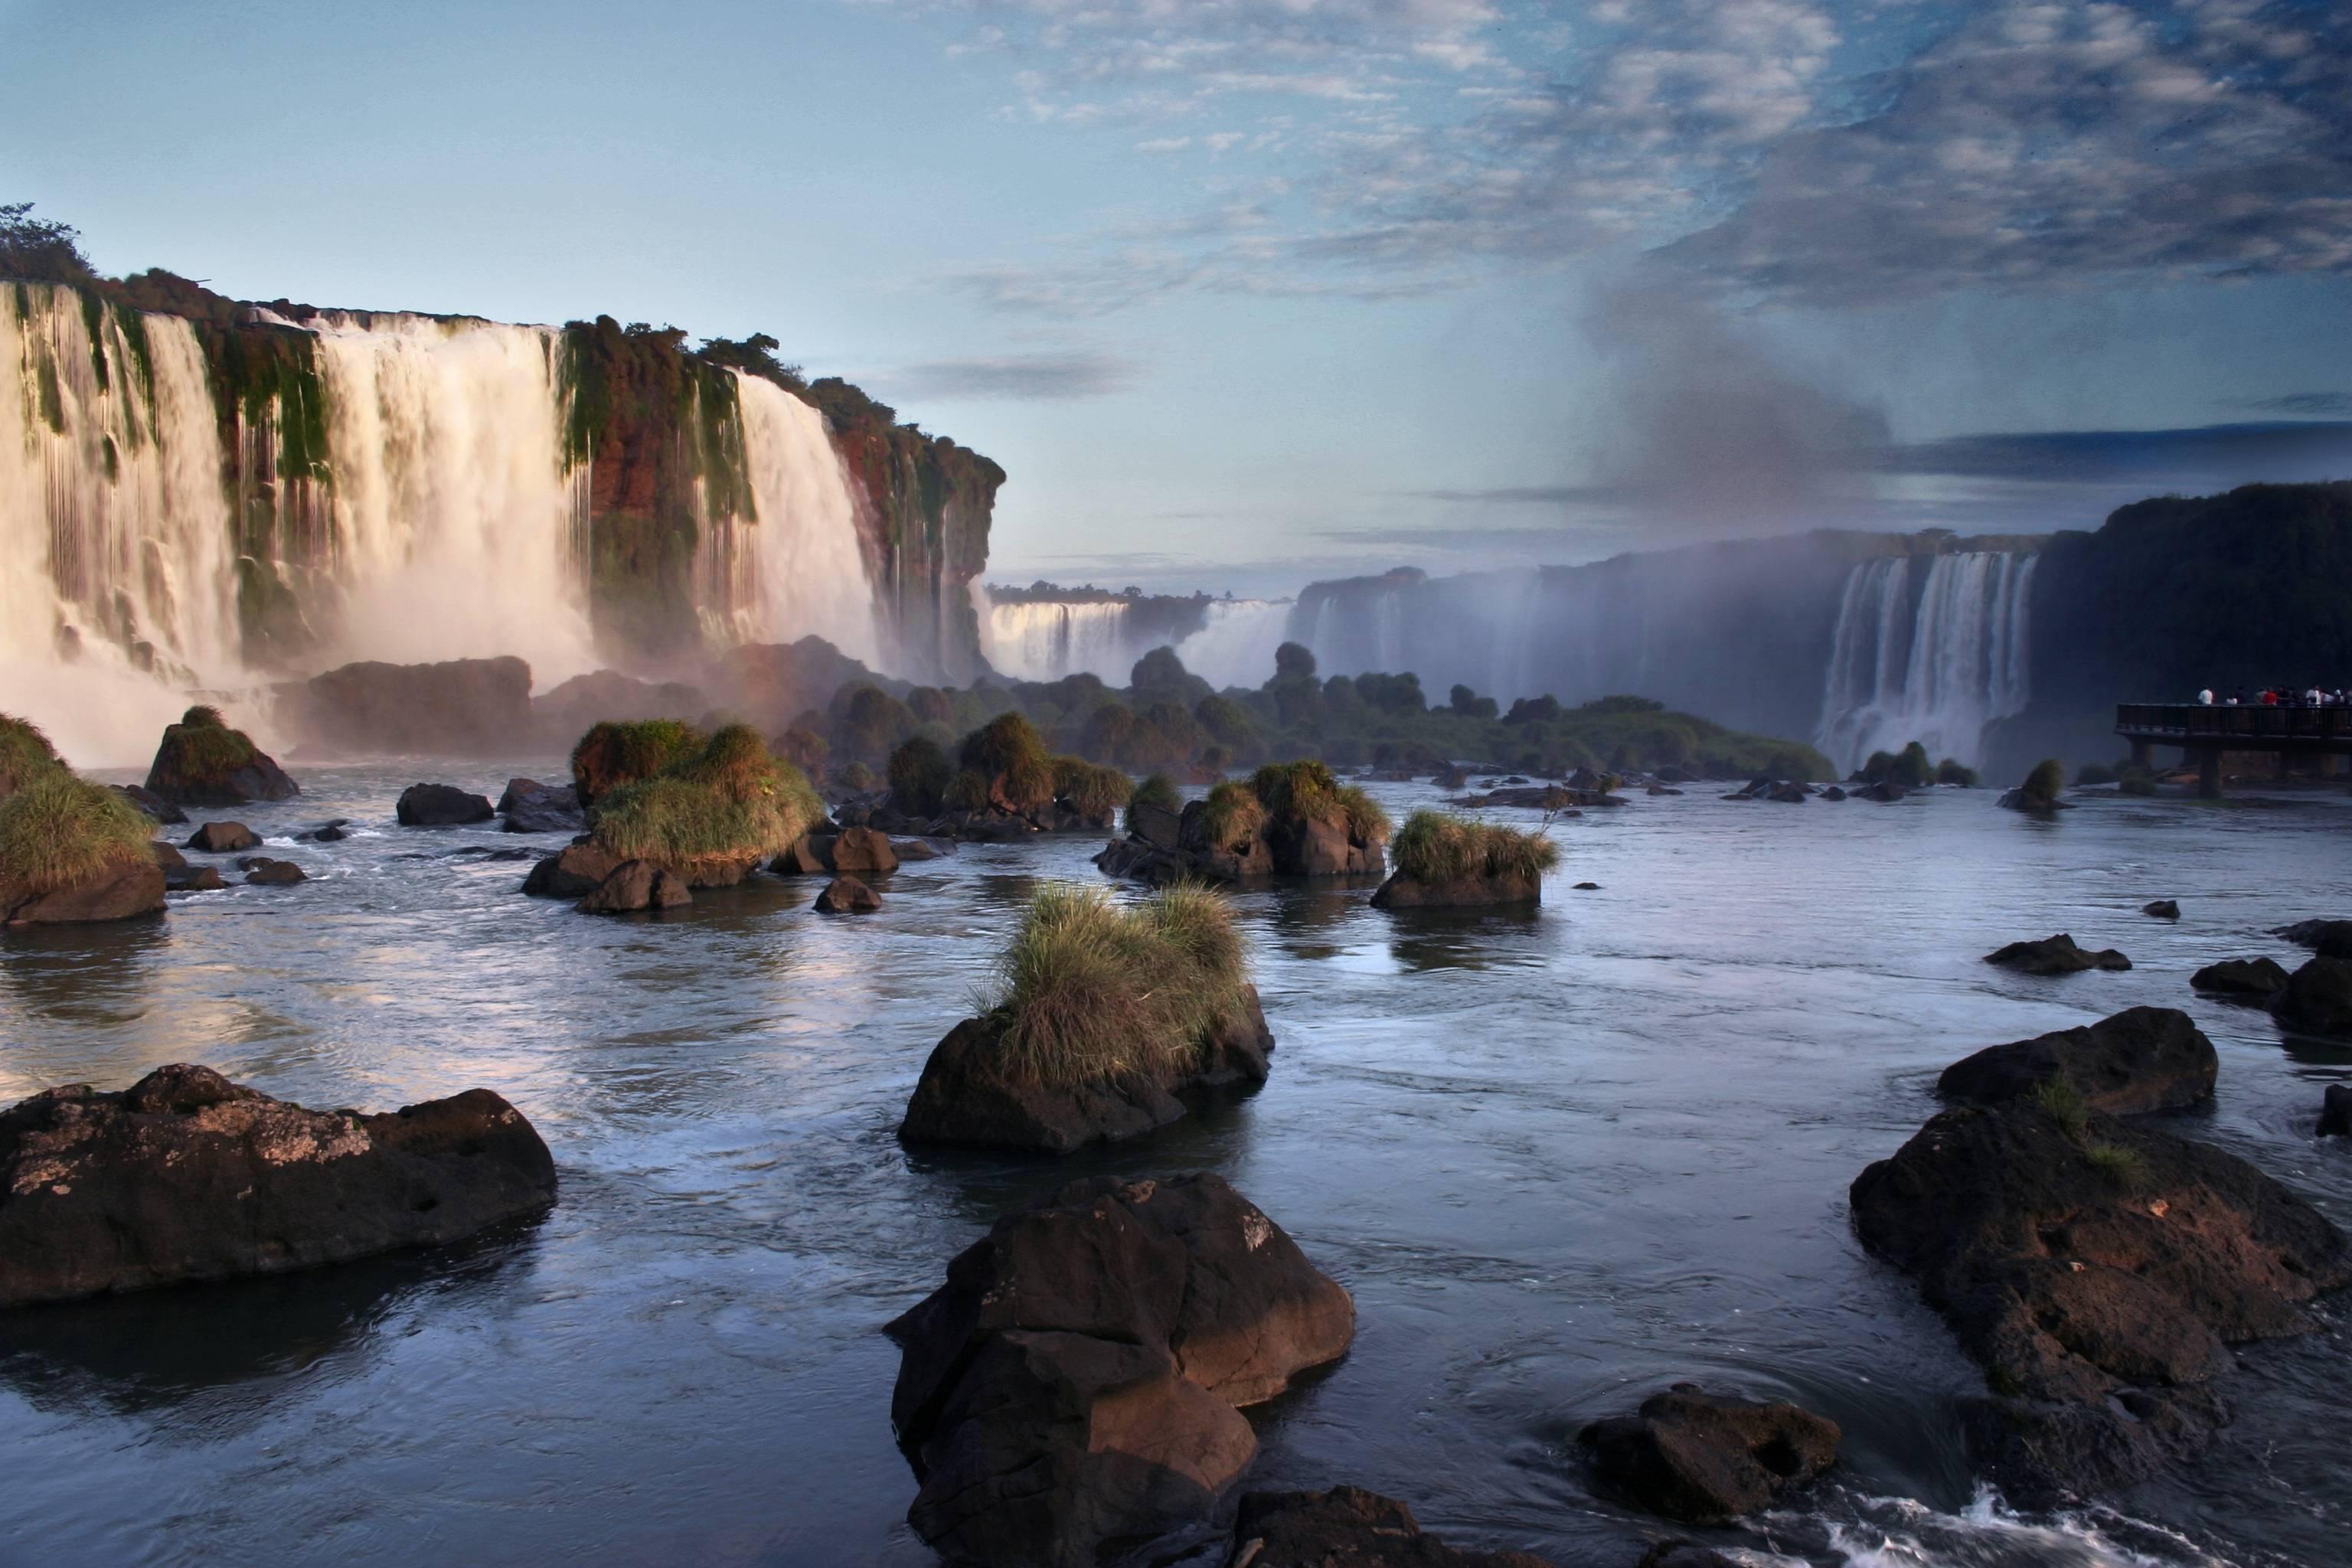 Iguazul Falls Wallpaper Iguazu Falls Wallpapers Wallpaper Cave